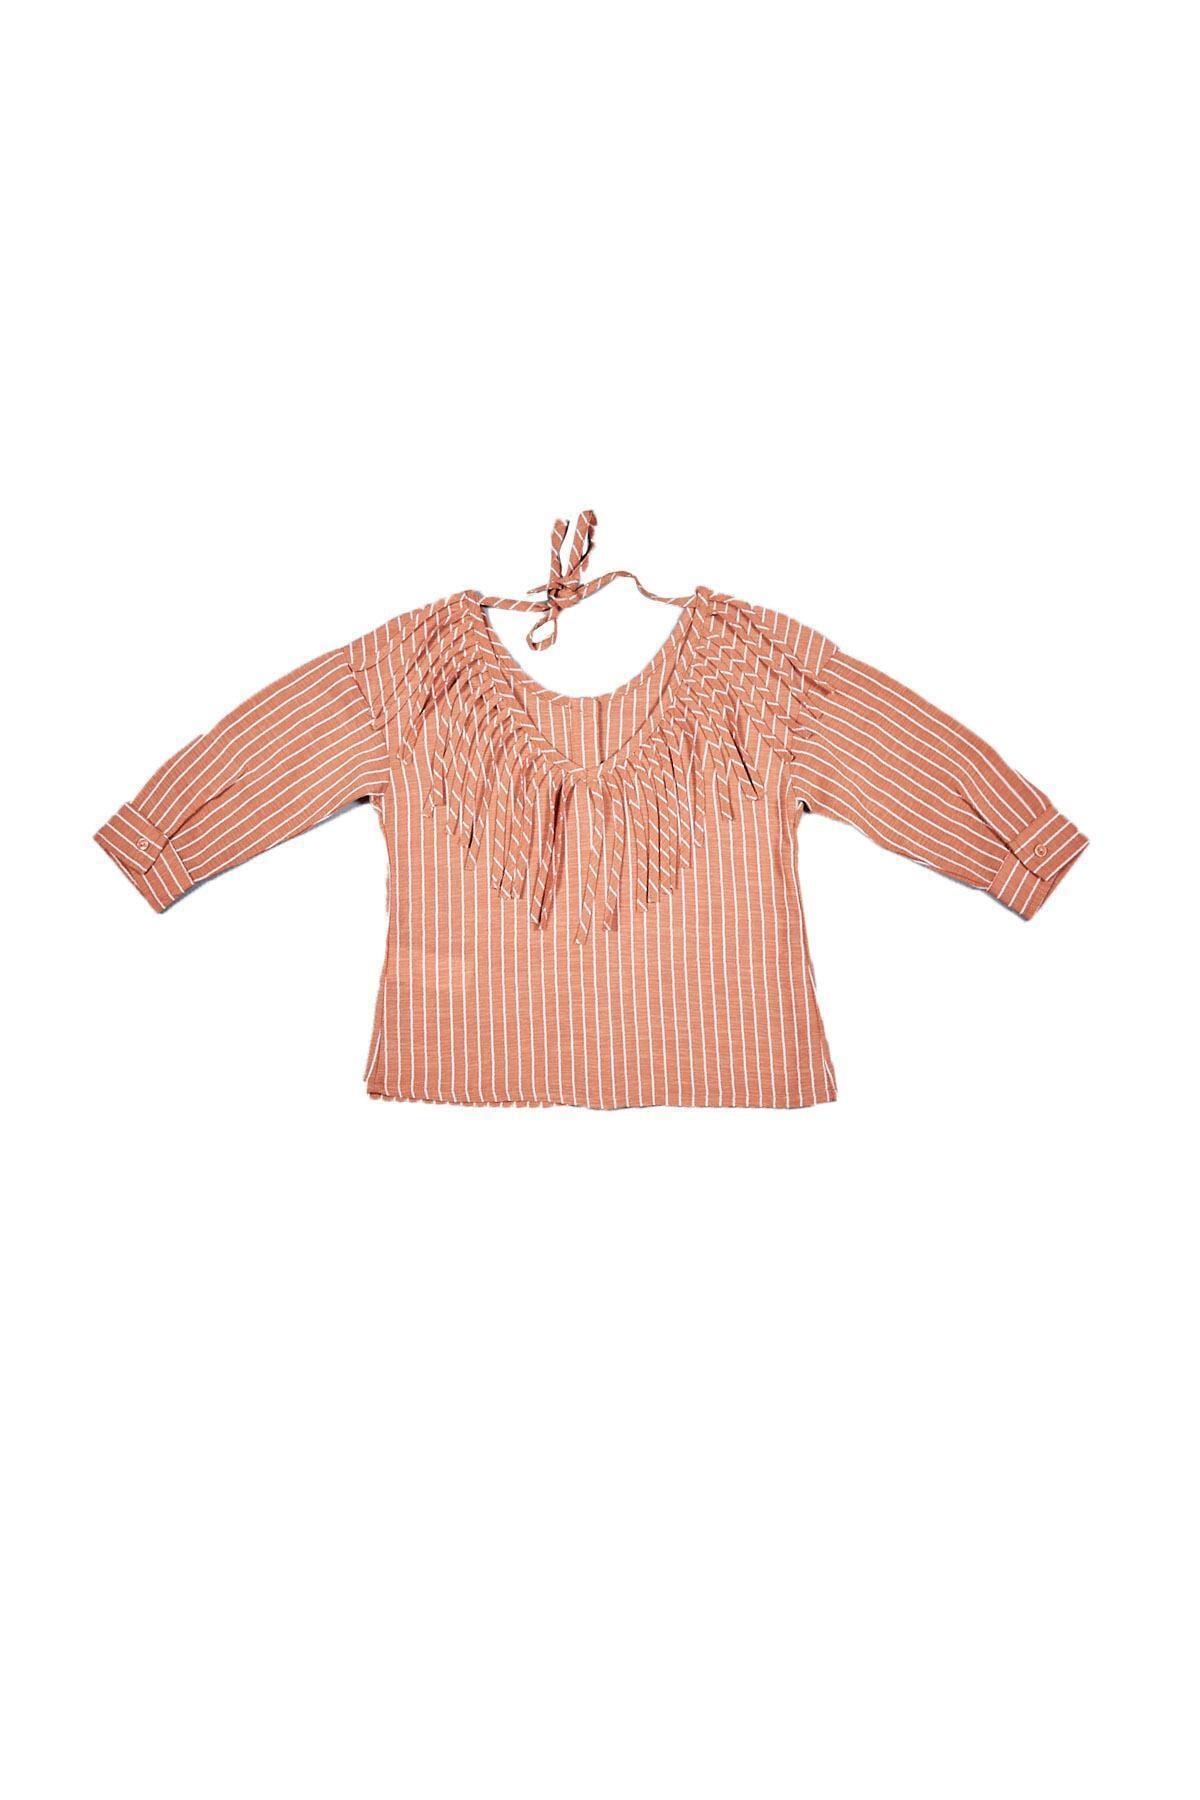 شومیز ارزان نوزاد دختر برند Çikoby رنگ نارنجی کد ty72750990